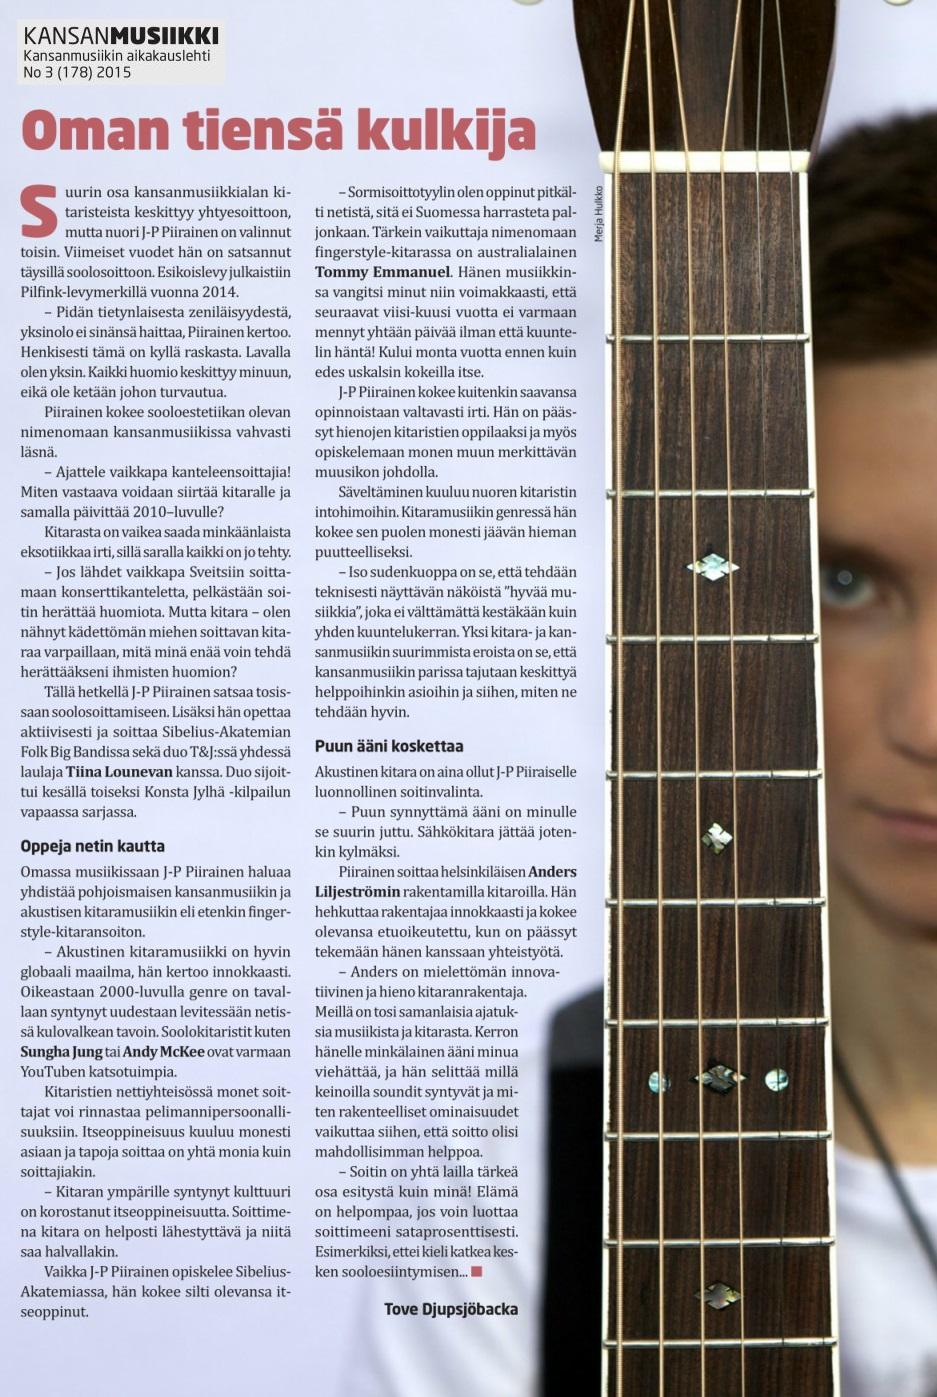 Kansanmusiikki (Finland), 3/2015